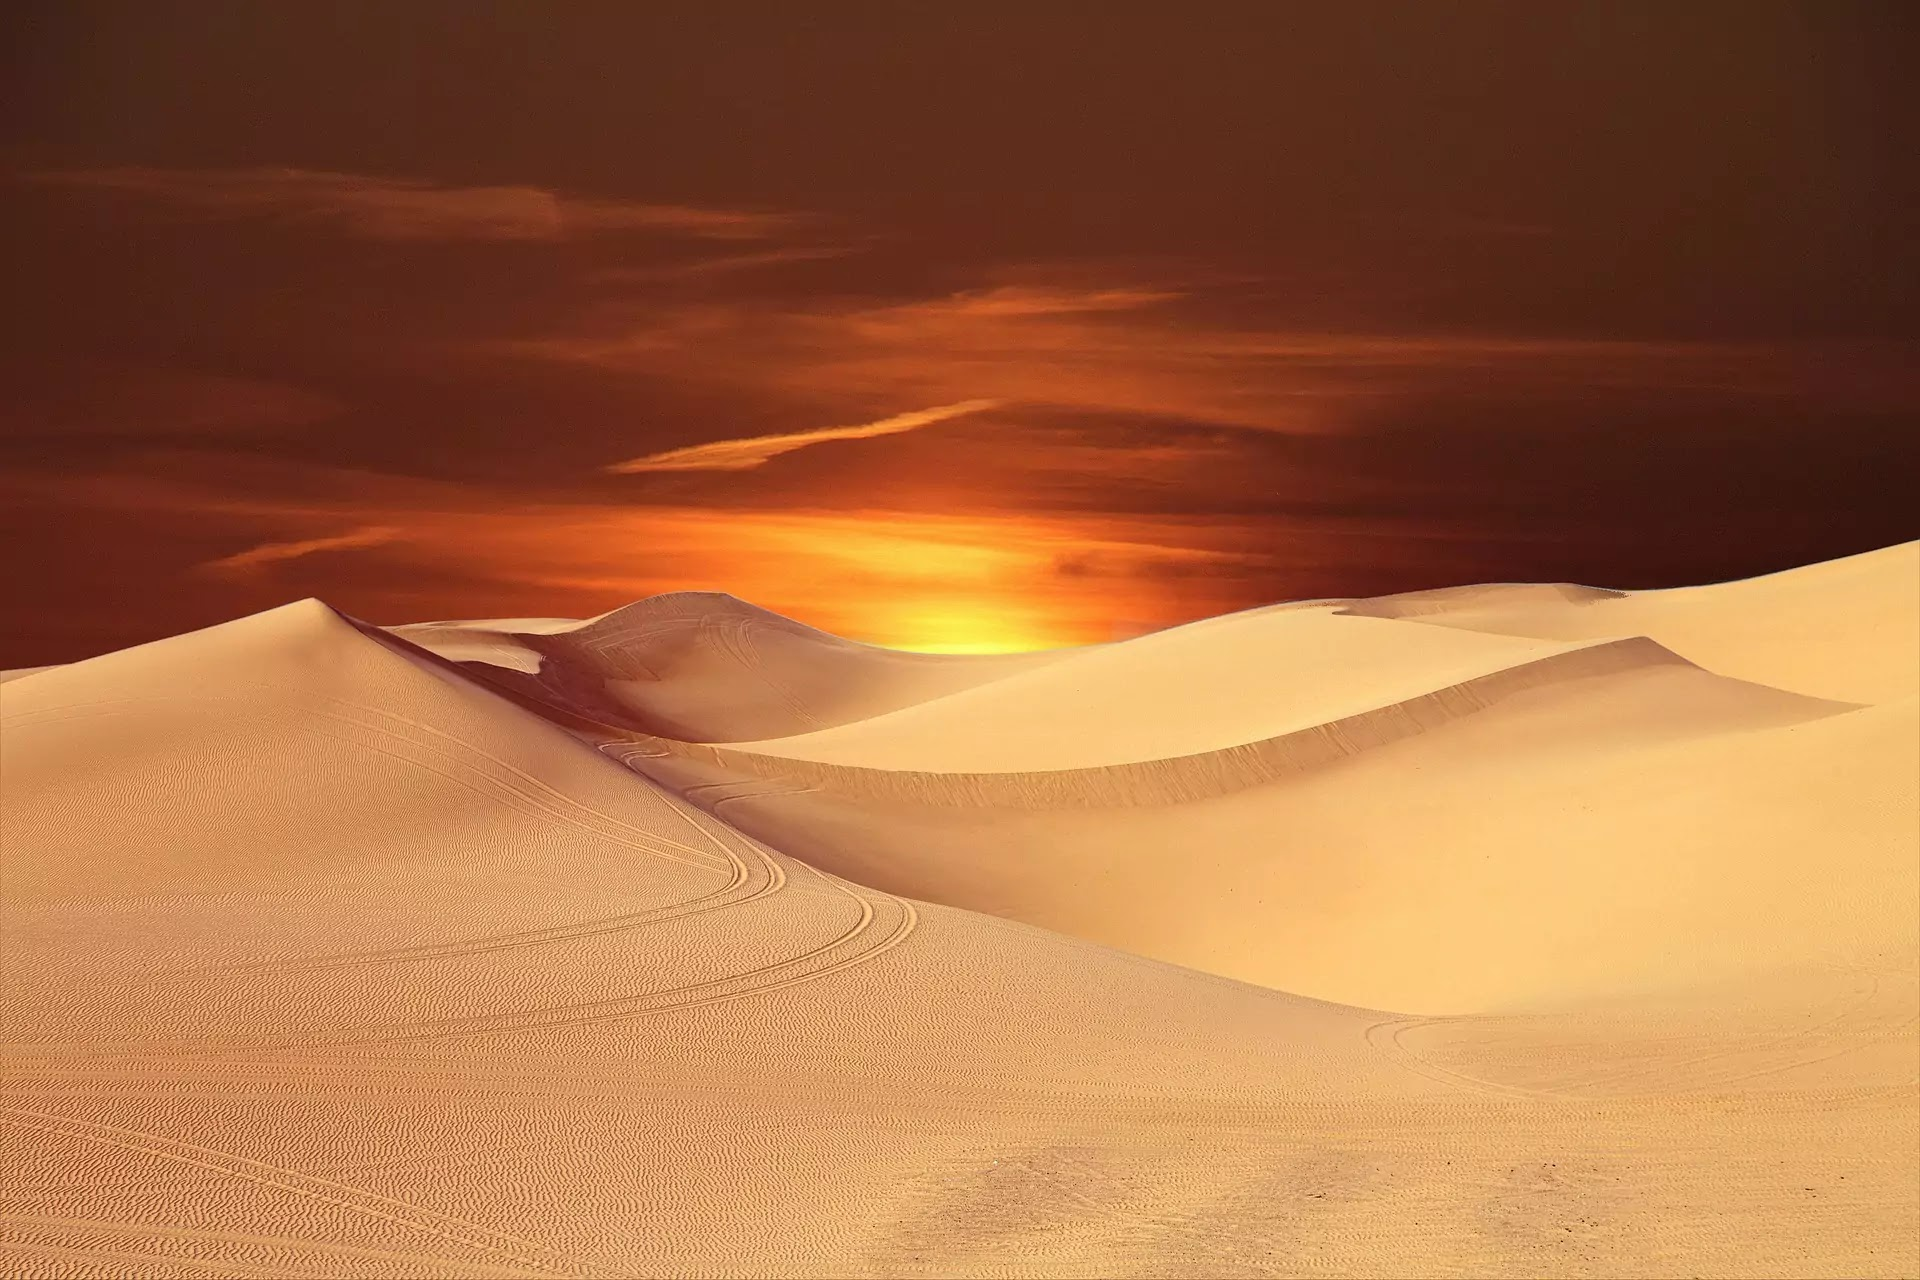 दुनिया के 10 सबसे गर्म स्थान | Duniya ke 10 sabse garm sthan